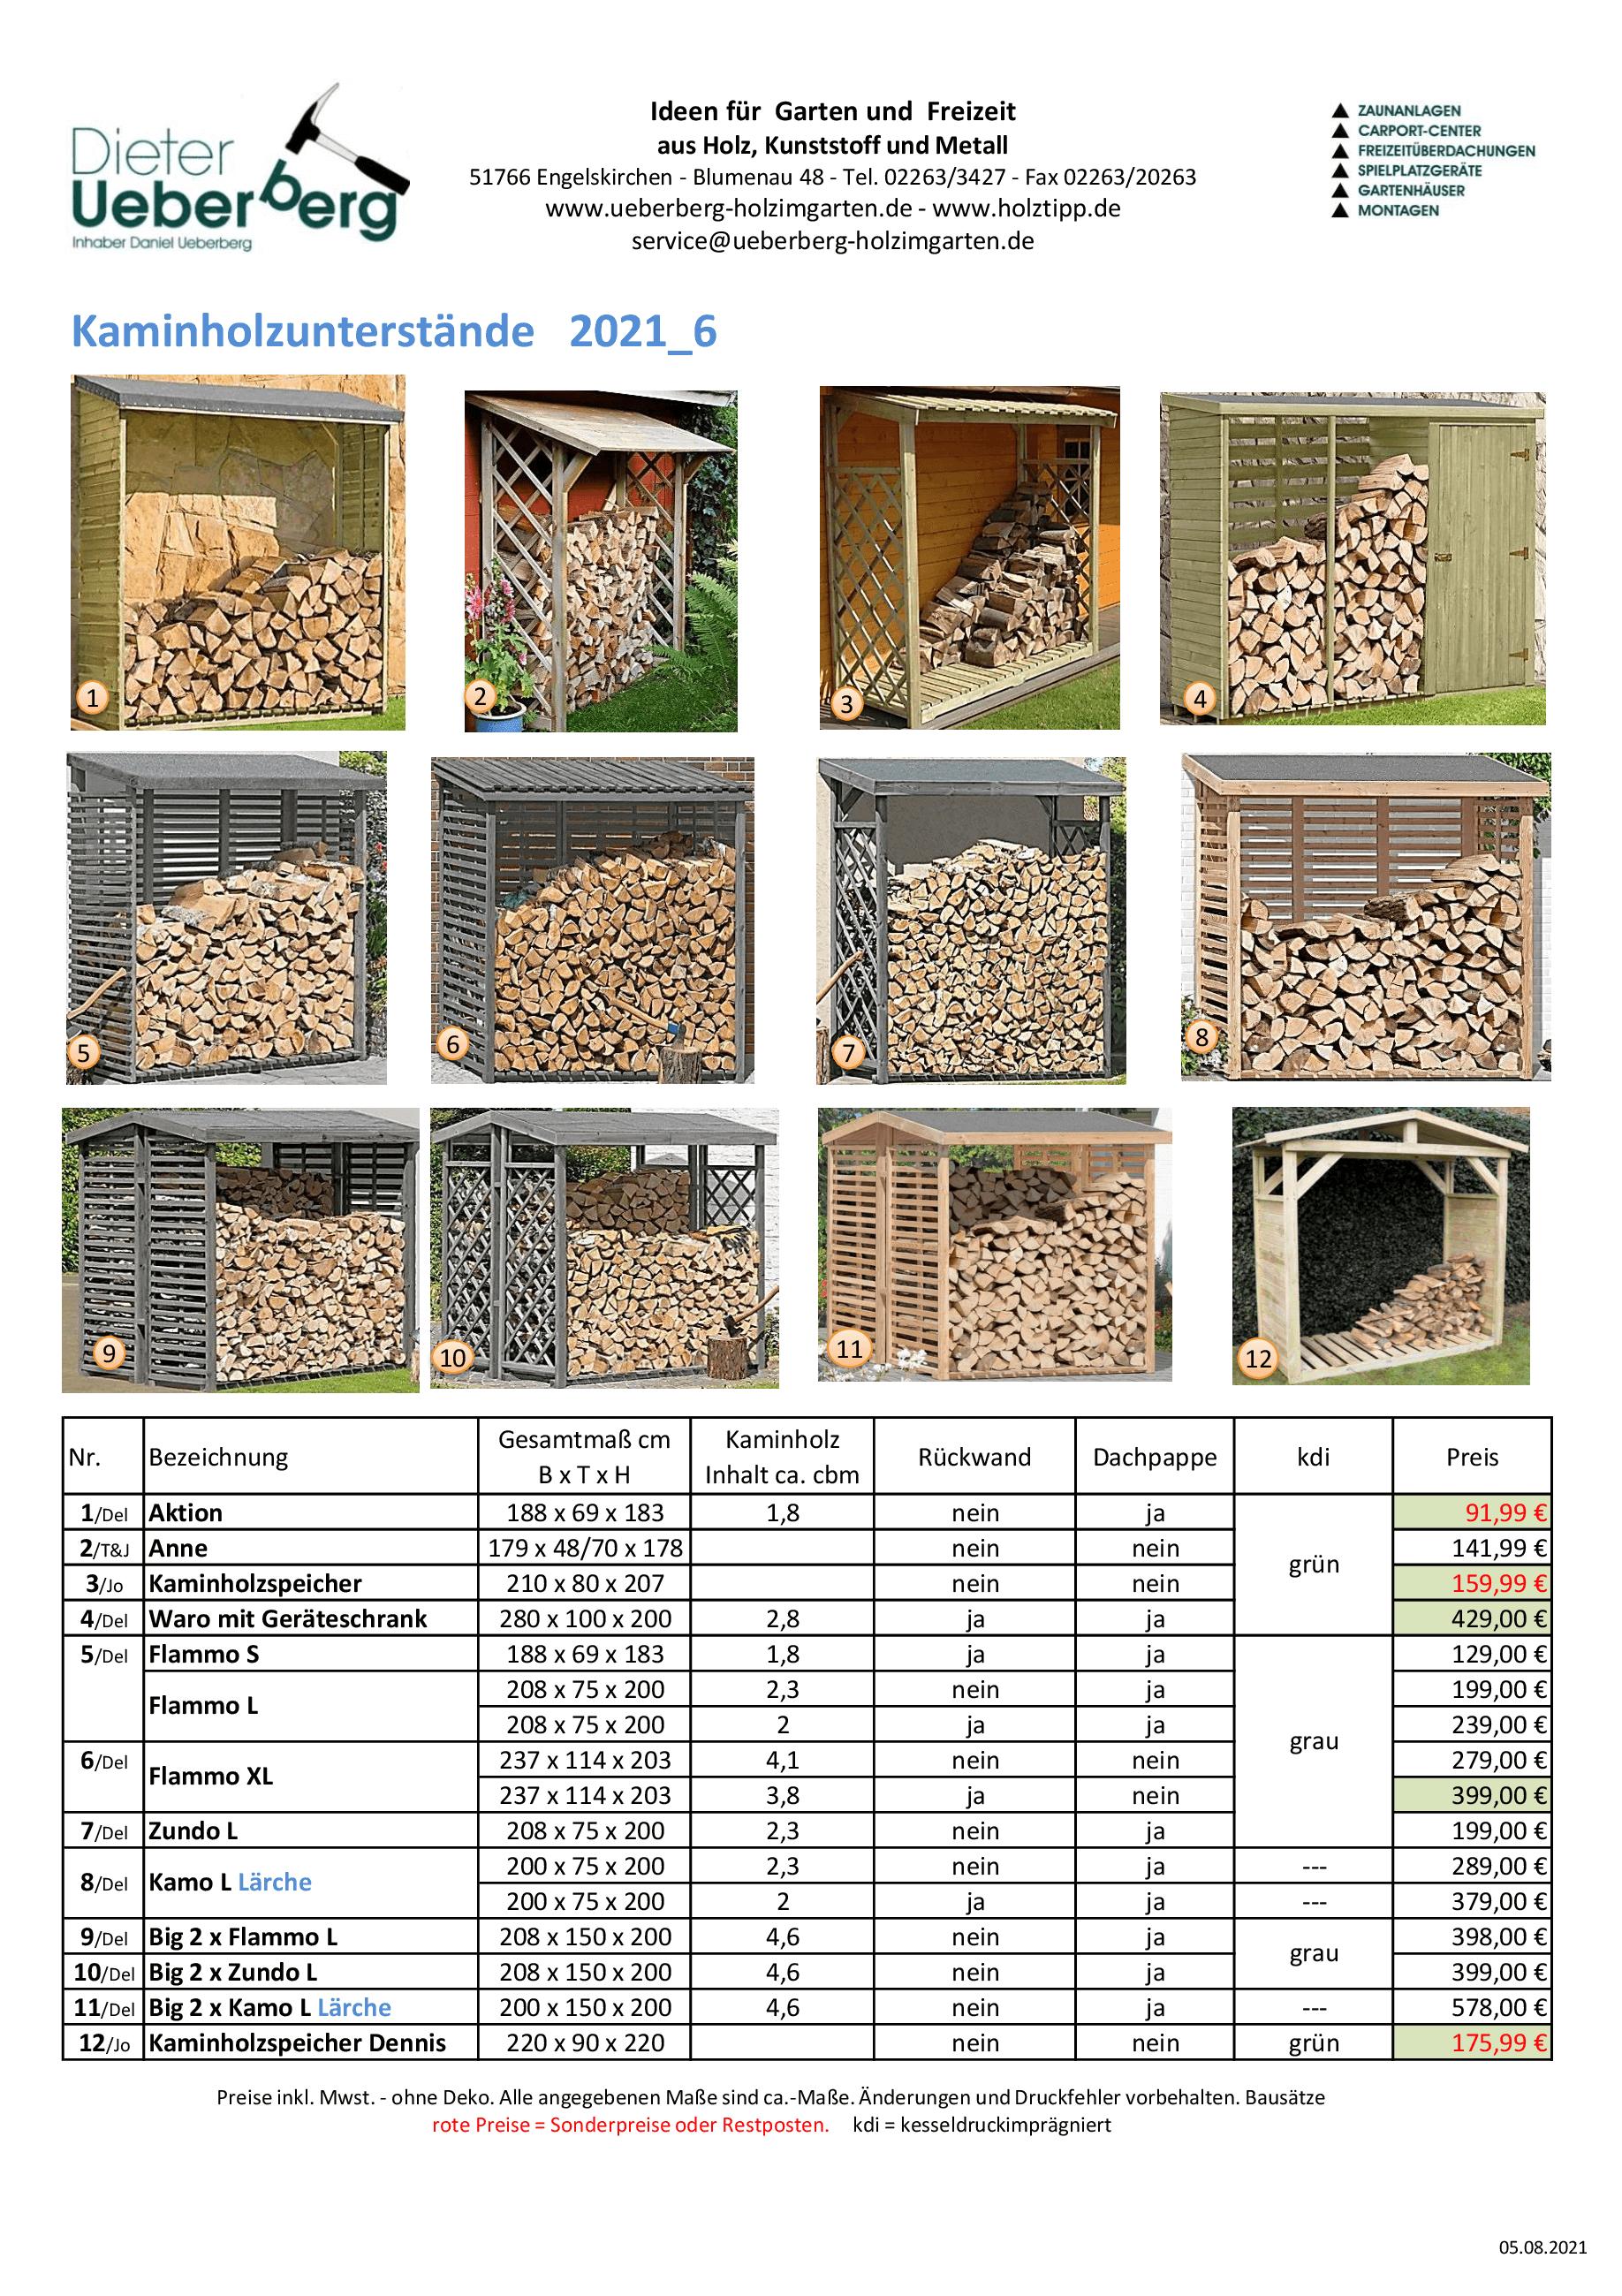 Kaminholzunterstände Ueberberg 2021 _6